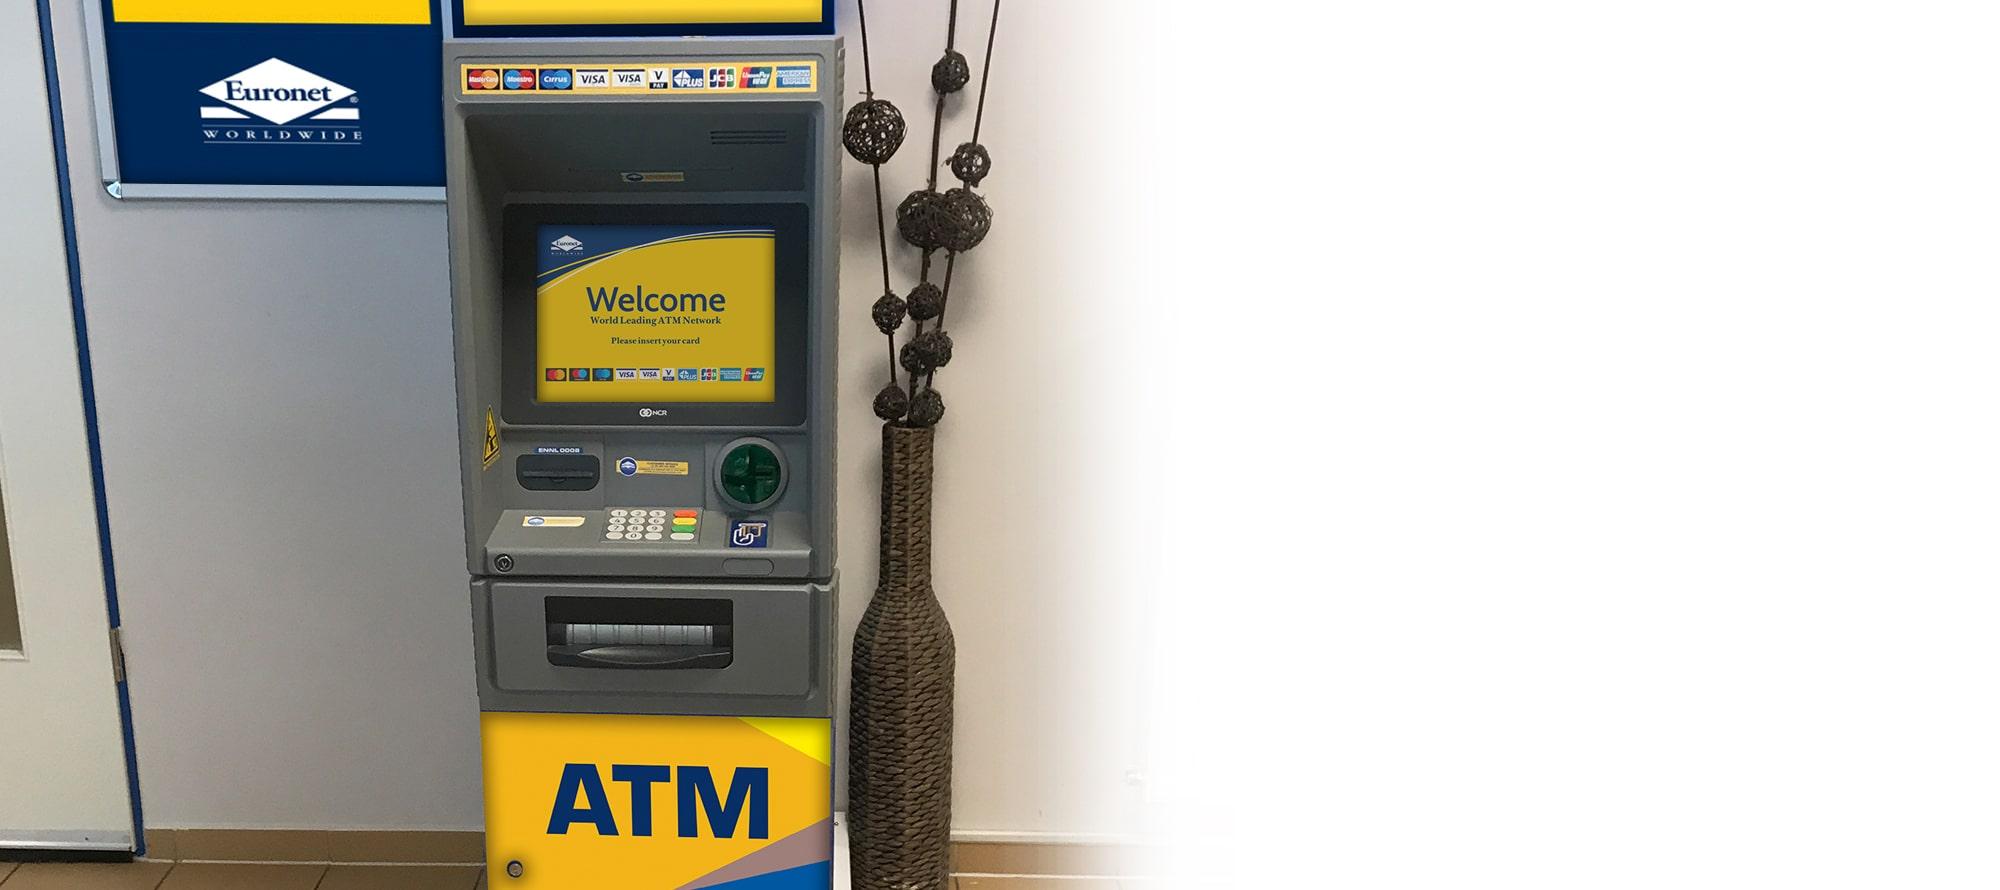 Mes valdysime ir prižiūrėsime jūsų bankomatą, užtikrindami aukštą jūsų klientų aptarnavimo lygį.